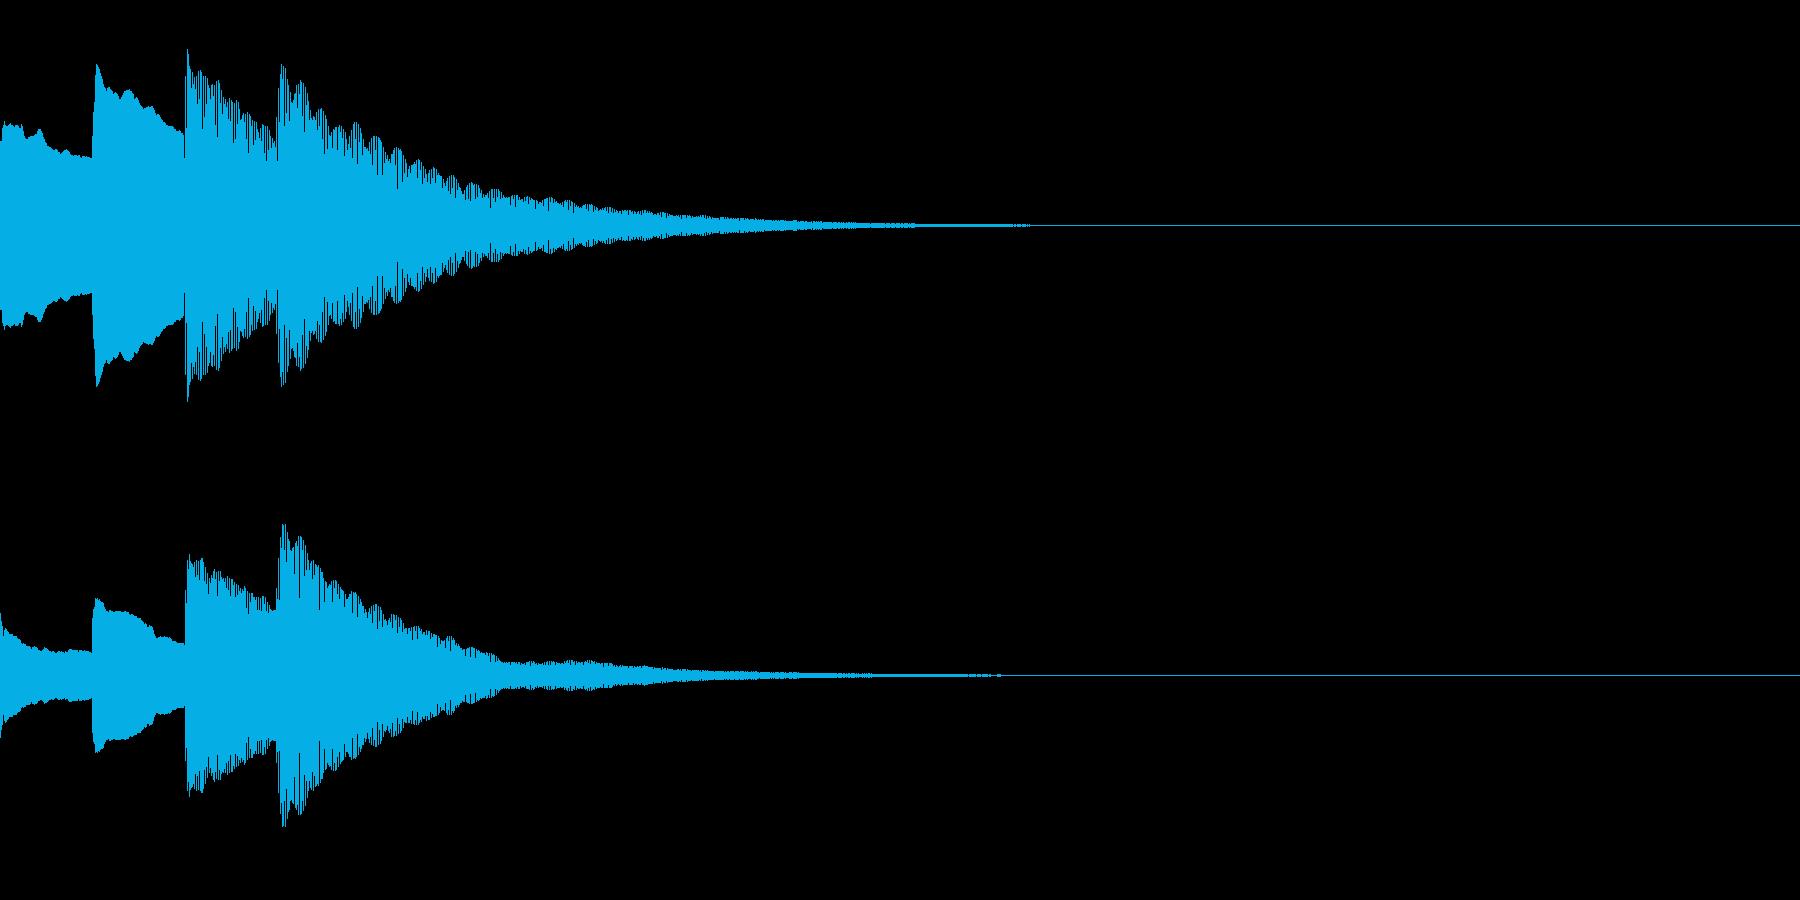 お知らせ・アナウンス音B下降(速め)03の再生済みの波形